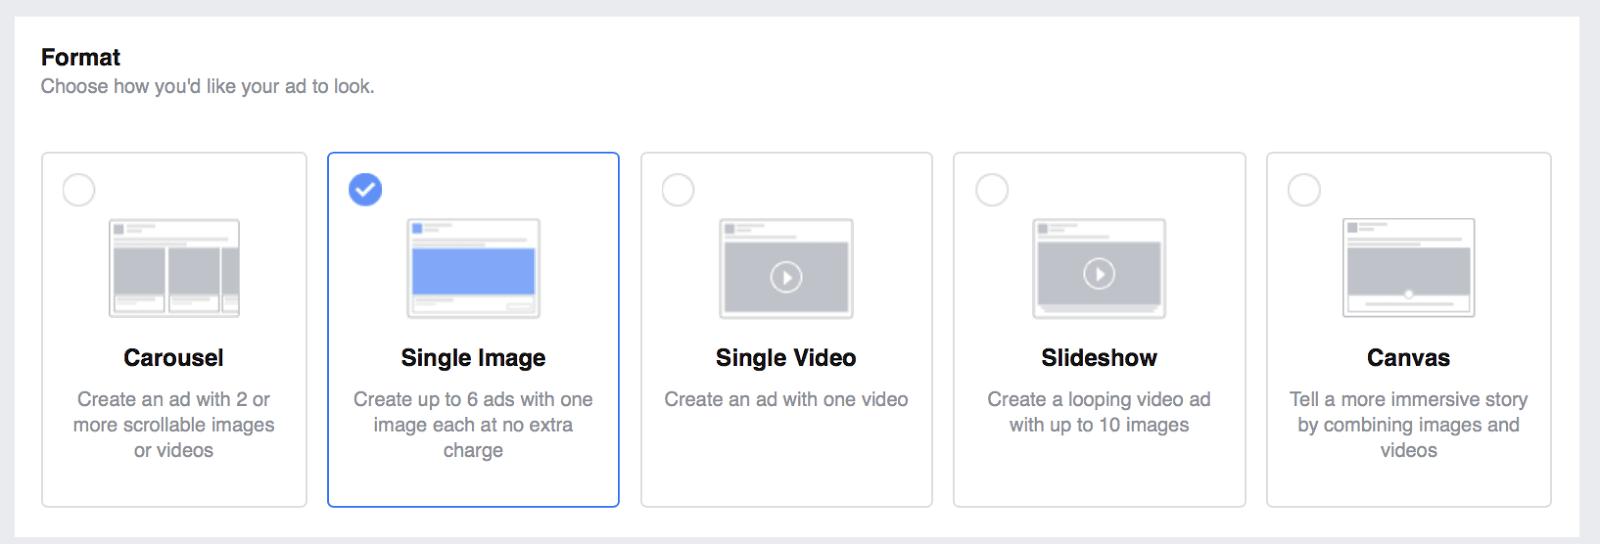 เทคนิคการเพิ่ม Lead ง่ายๆ ด้วย Facebook Ads 2